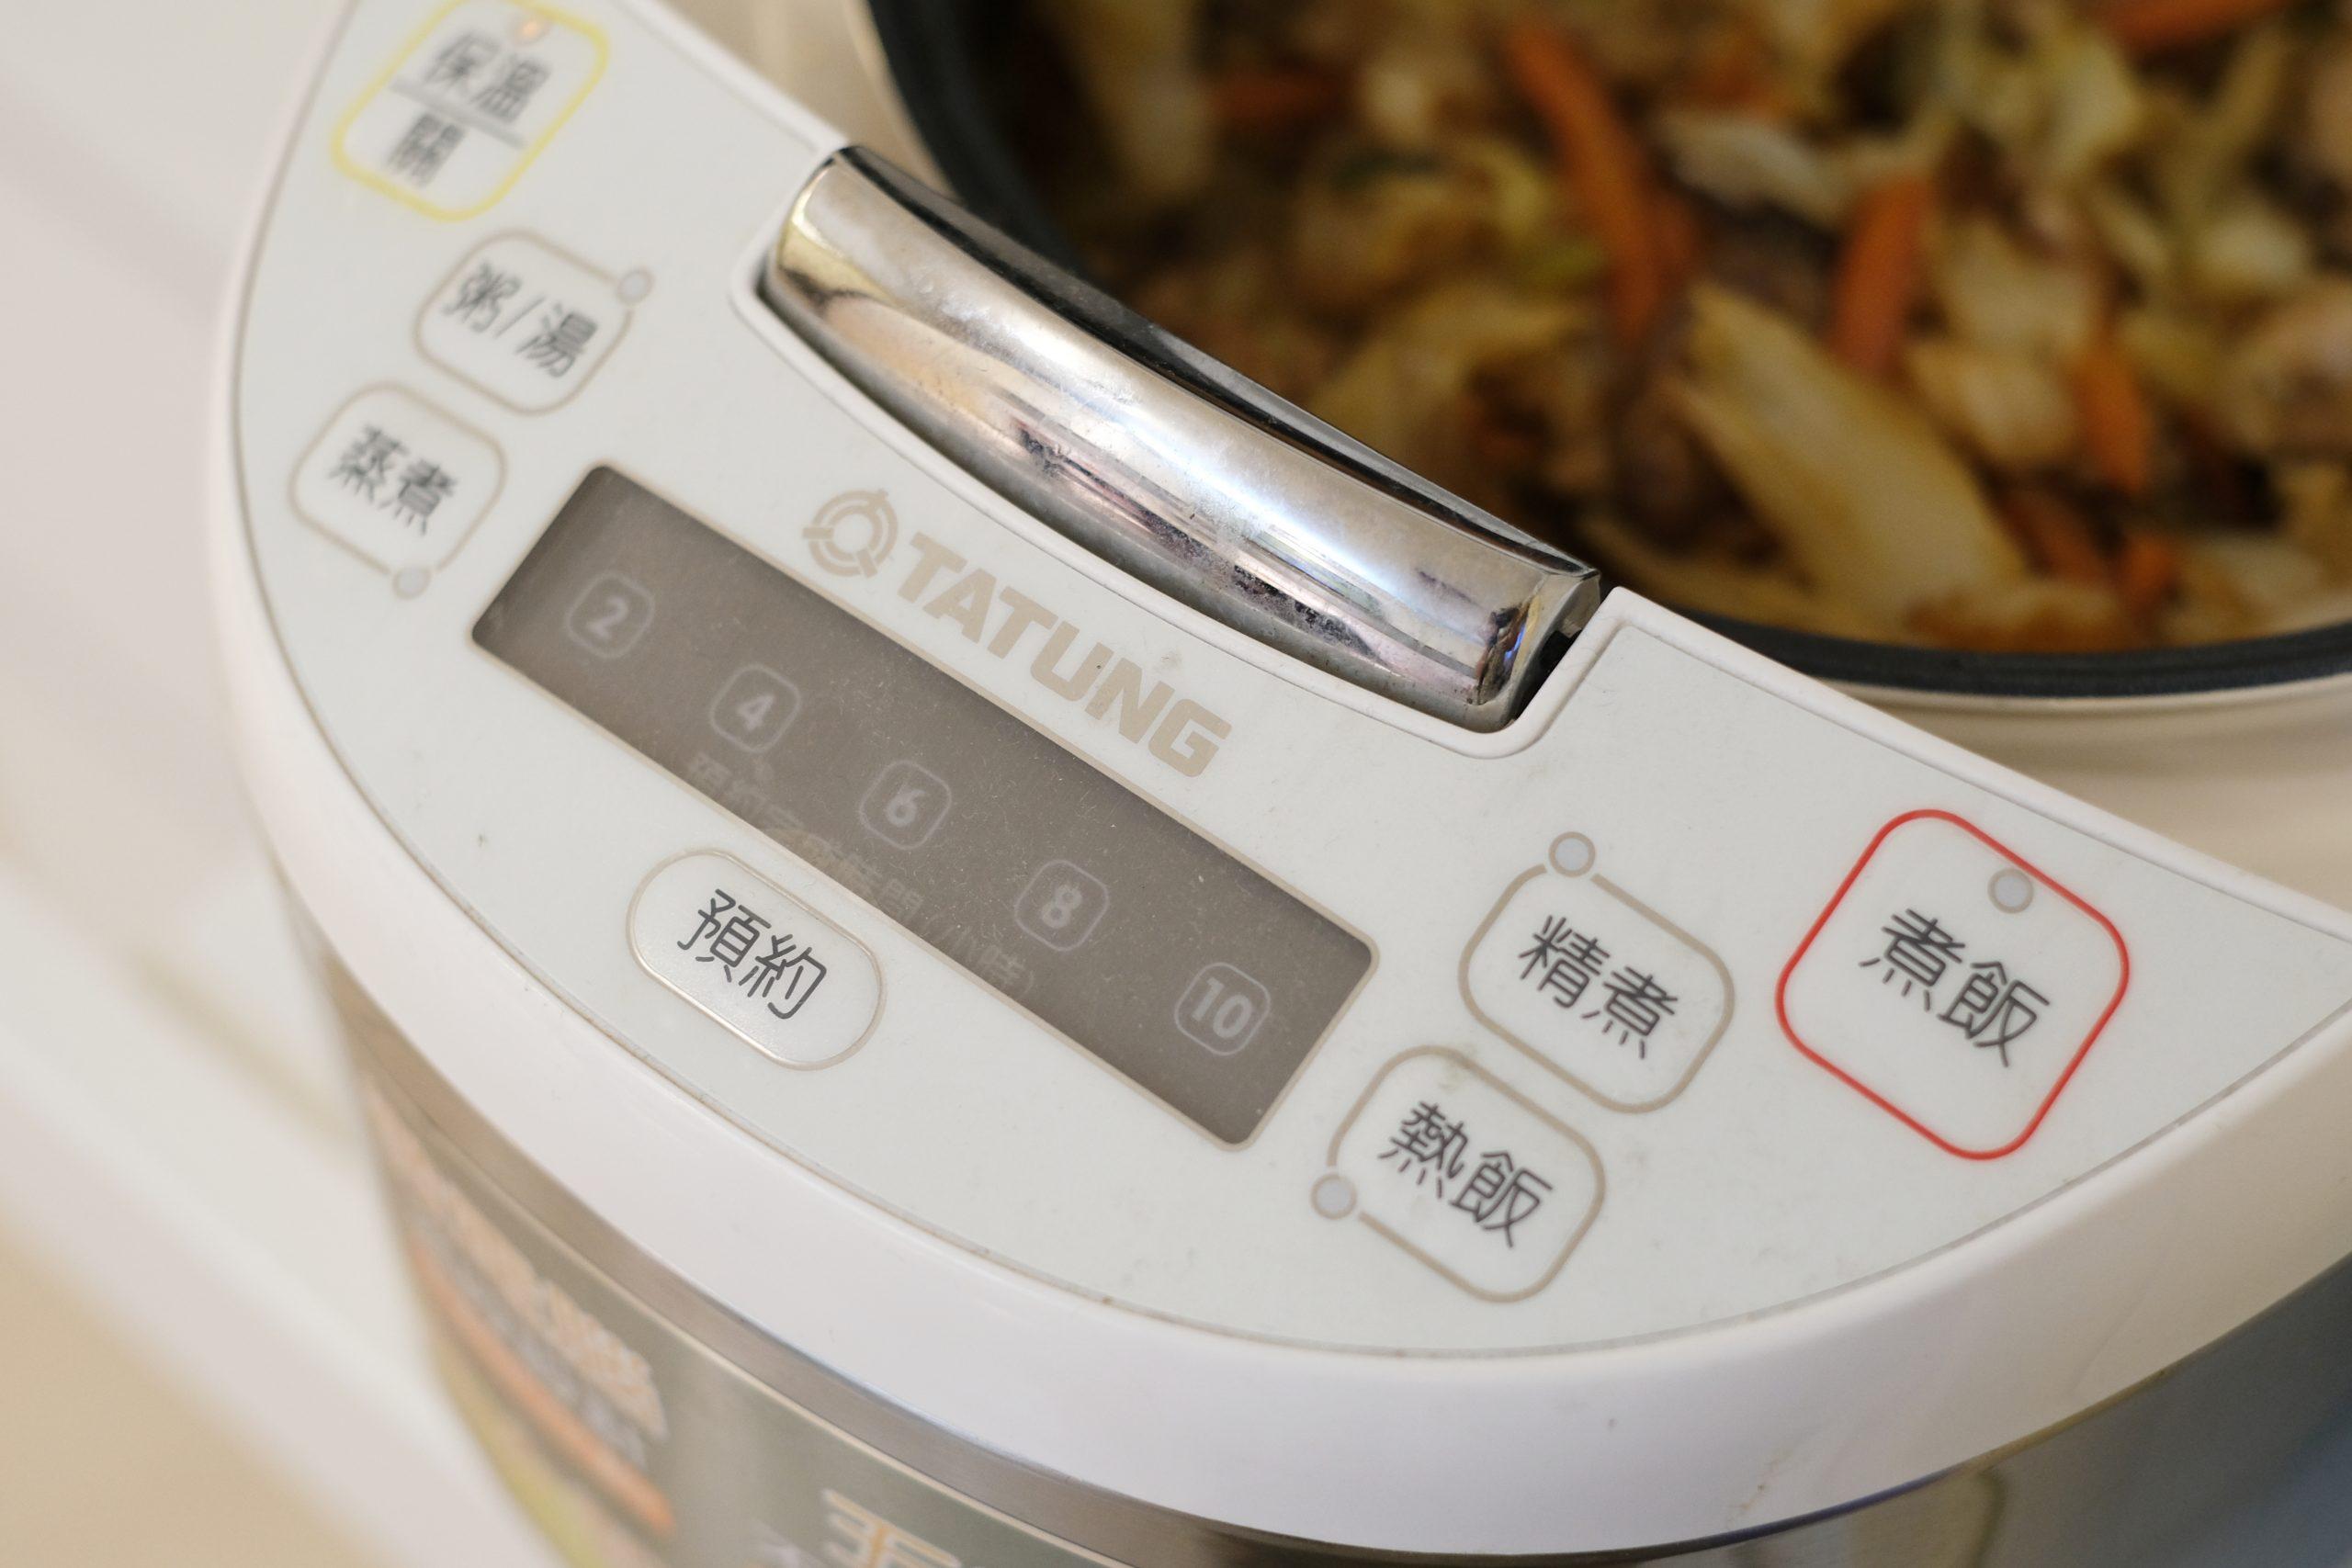 高麗菜飯:用電鍋煮高麗菜飯,古早味料理輕鬆上桌 @飛天璇的口袋